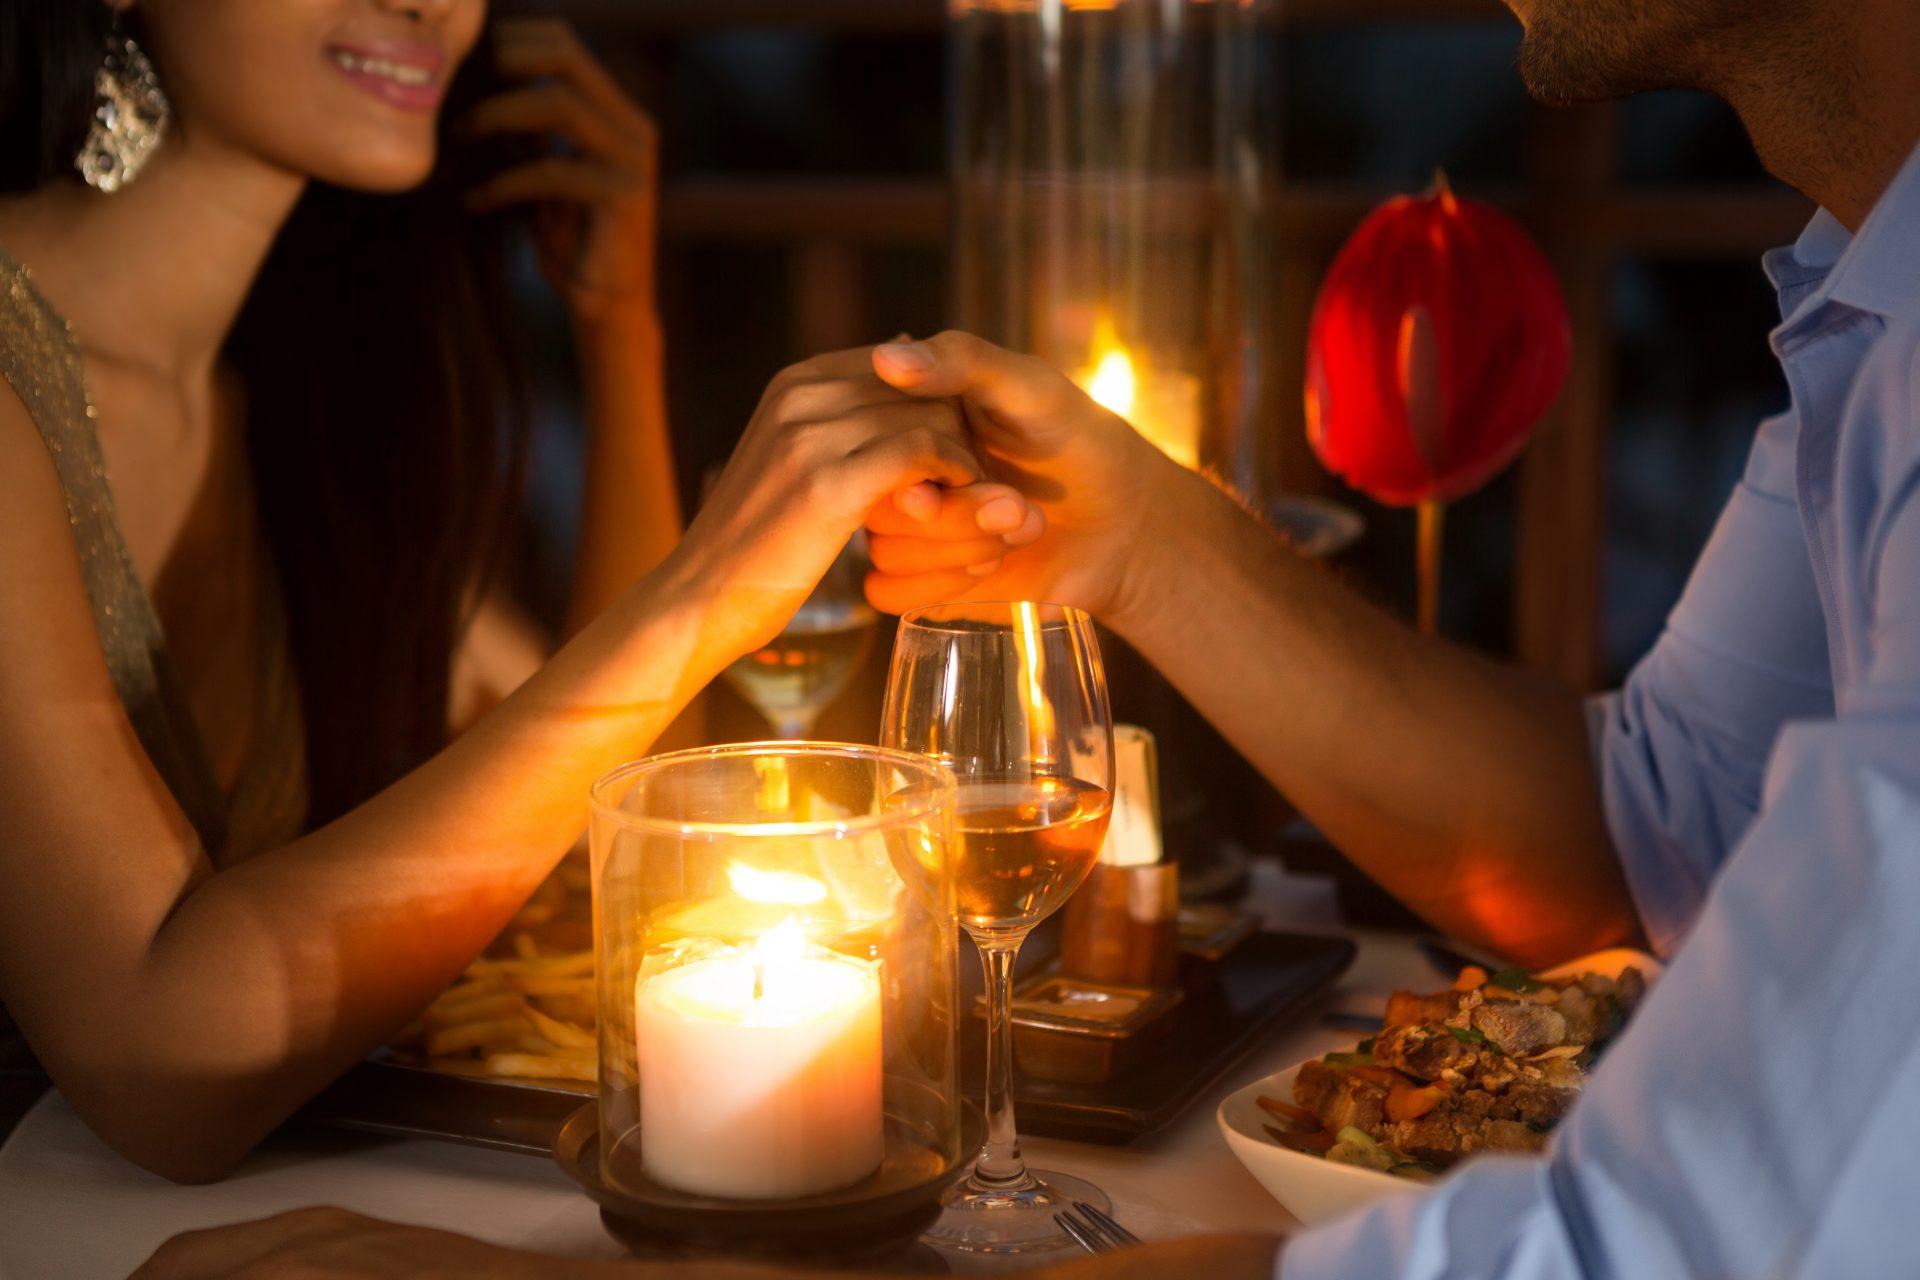 עיצוב רומנטי לאירועים (Shutterstock) צילום:Lucky Business